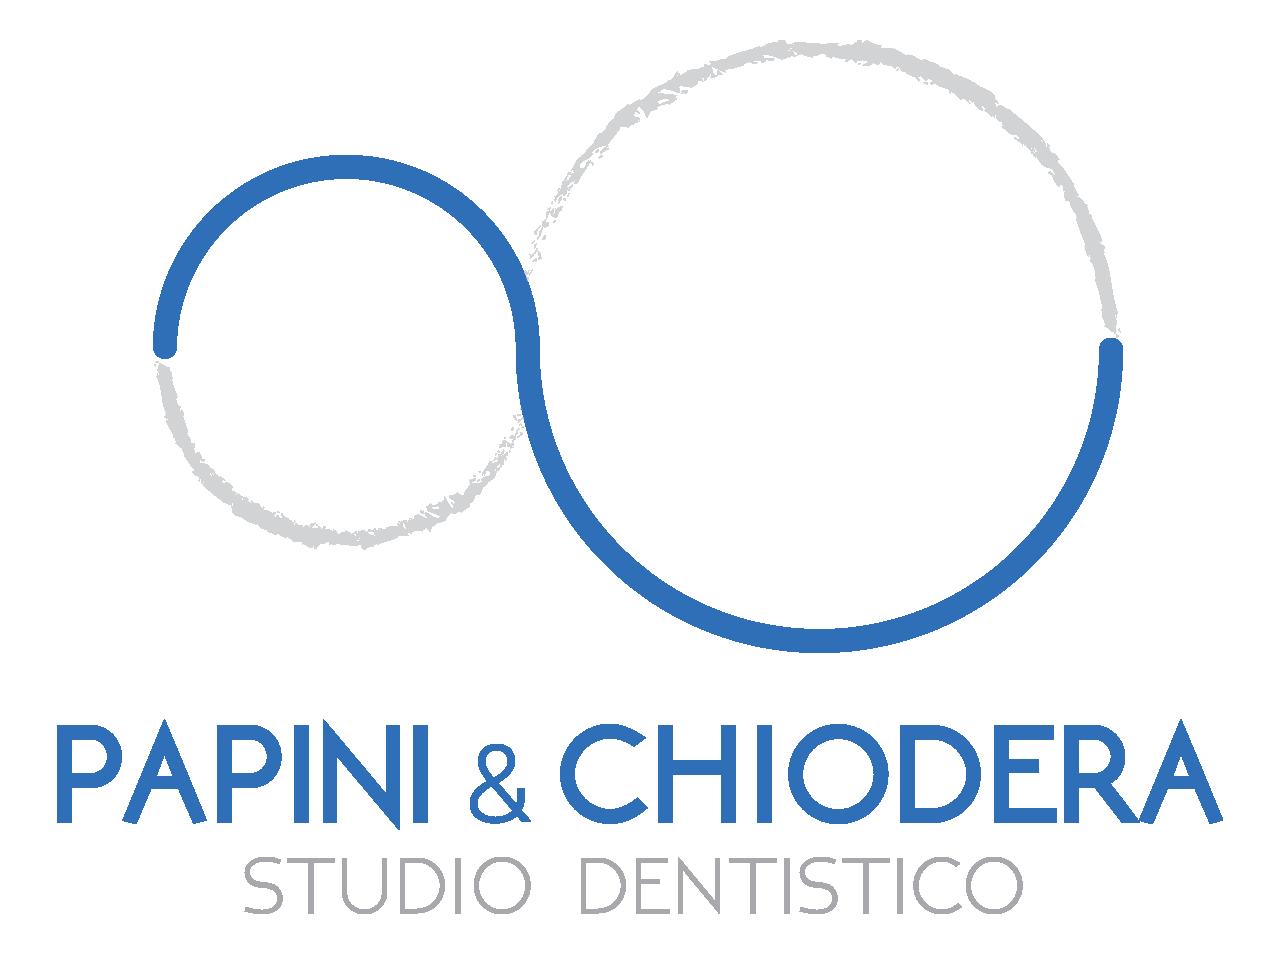 Studio Dentistico Papini Chiodera